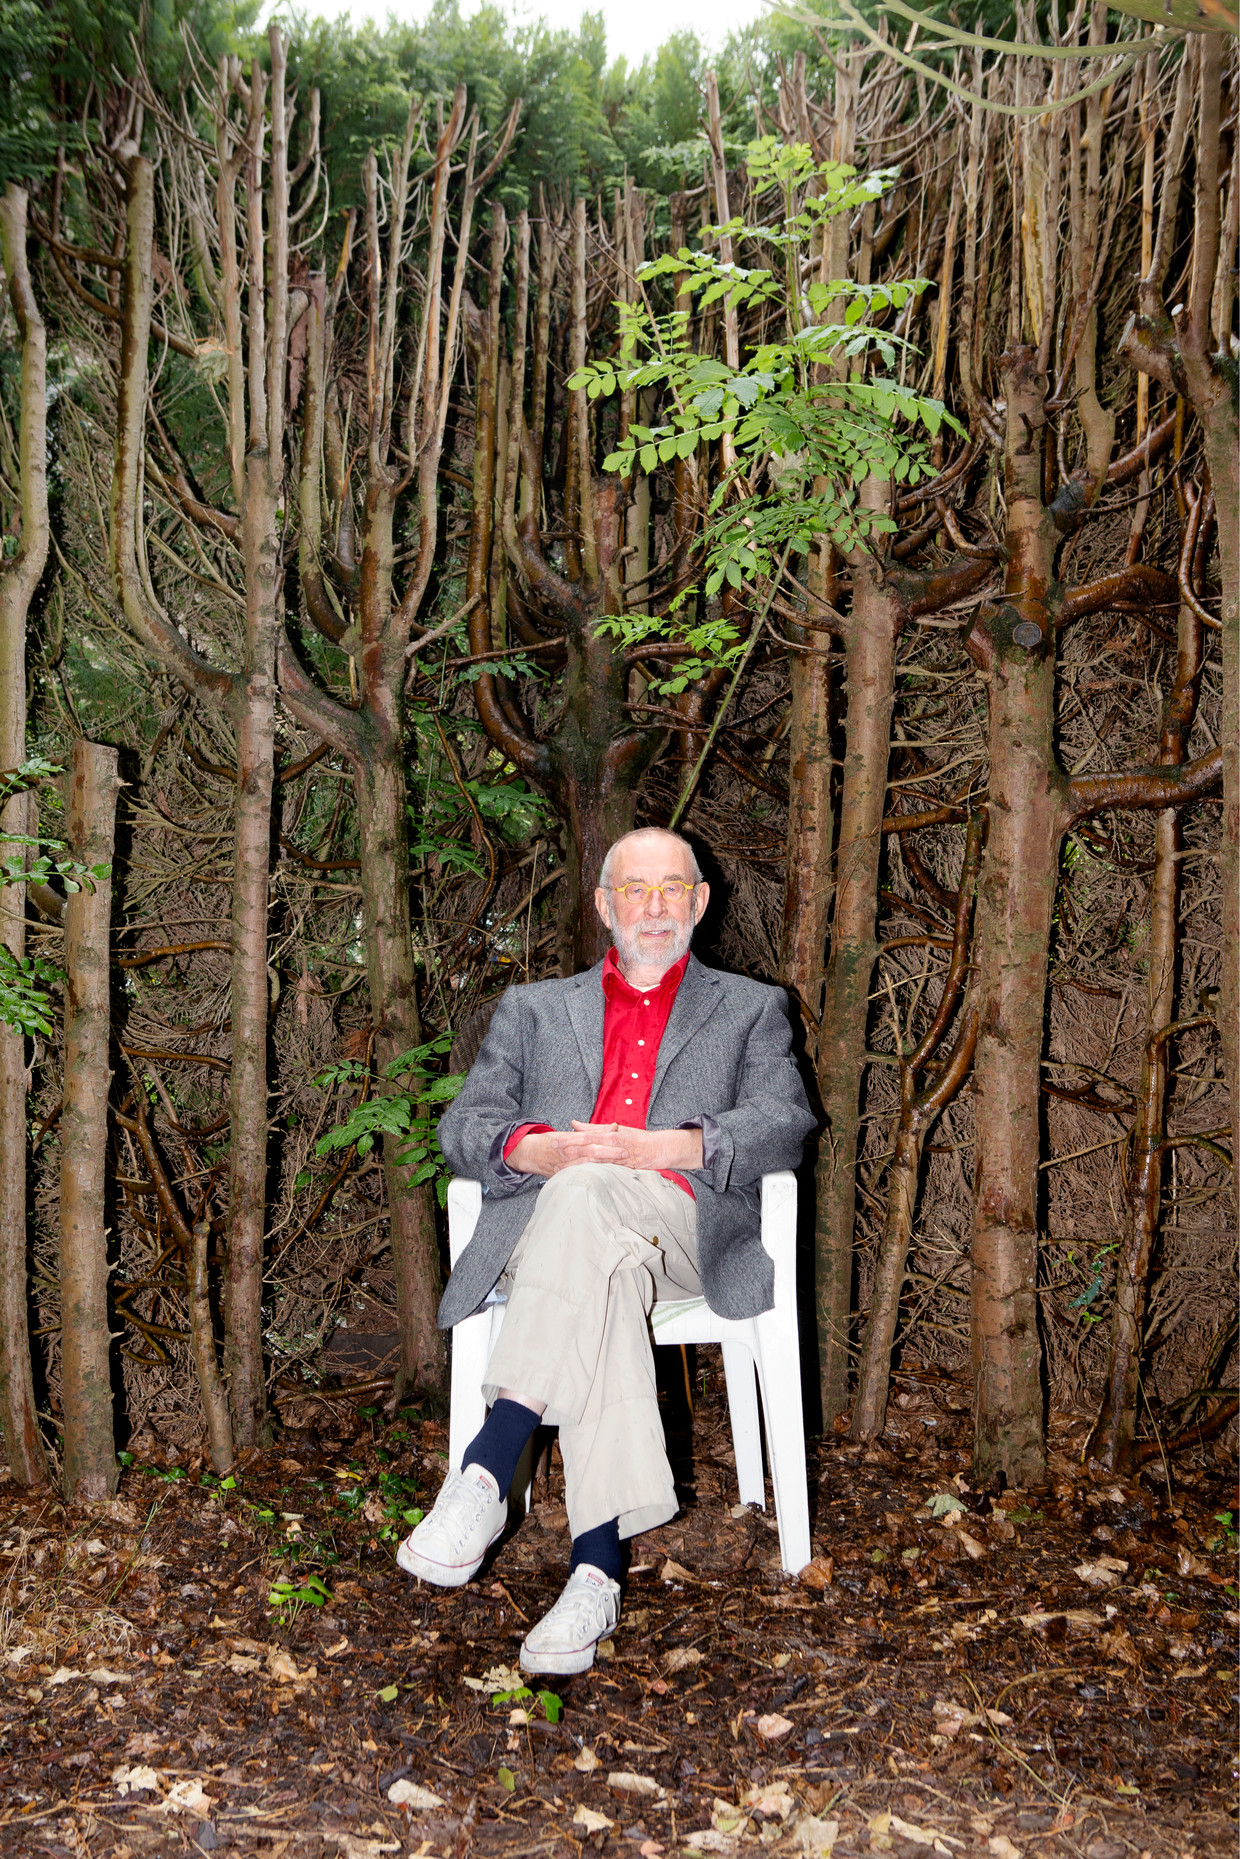 Hans Dorrestijn: 'De ekster houdt niet van de natuur. Daar kan ik niet helemaal mee instemmen.'